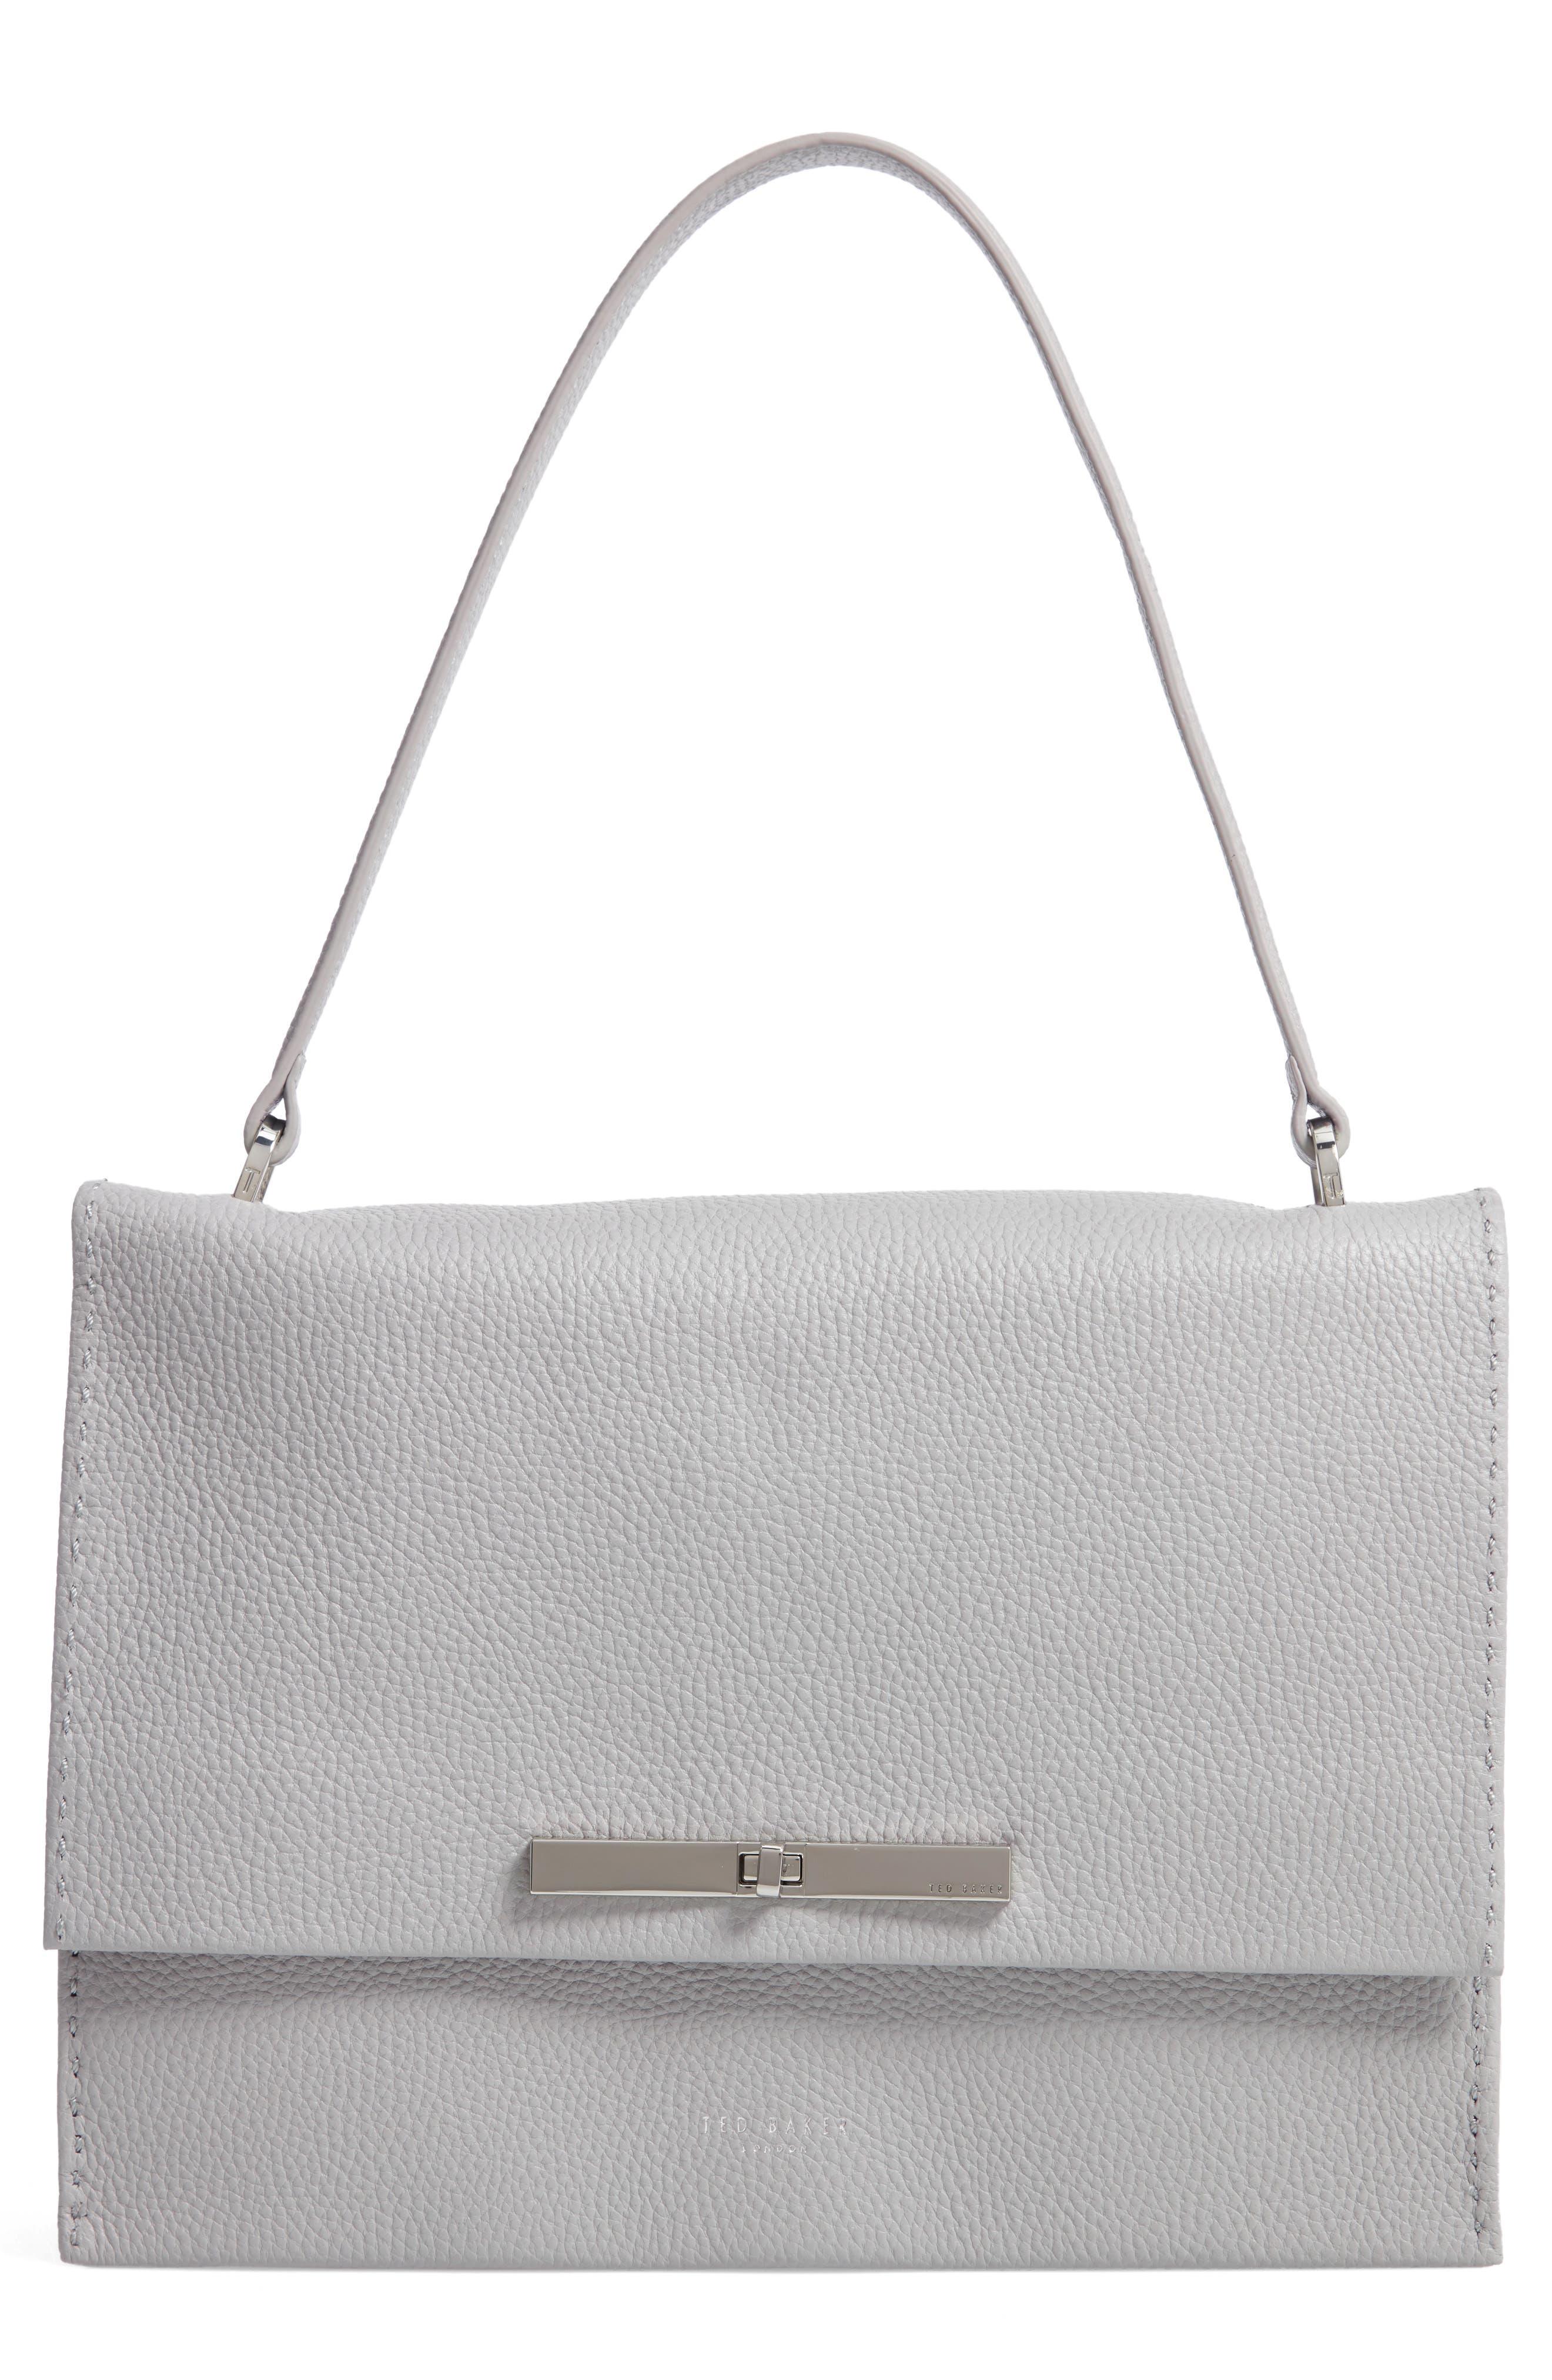 Jessi Leather Shoulder Bag,                         Main,                         color, GREY